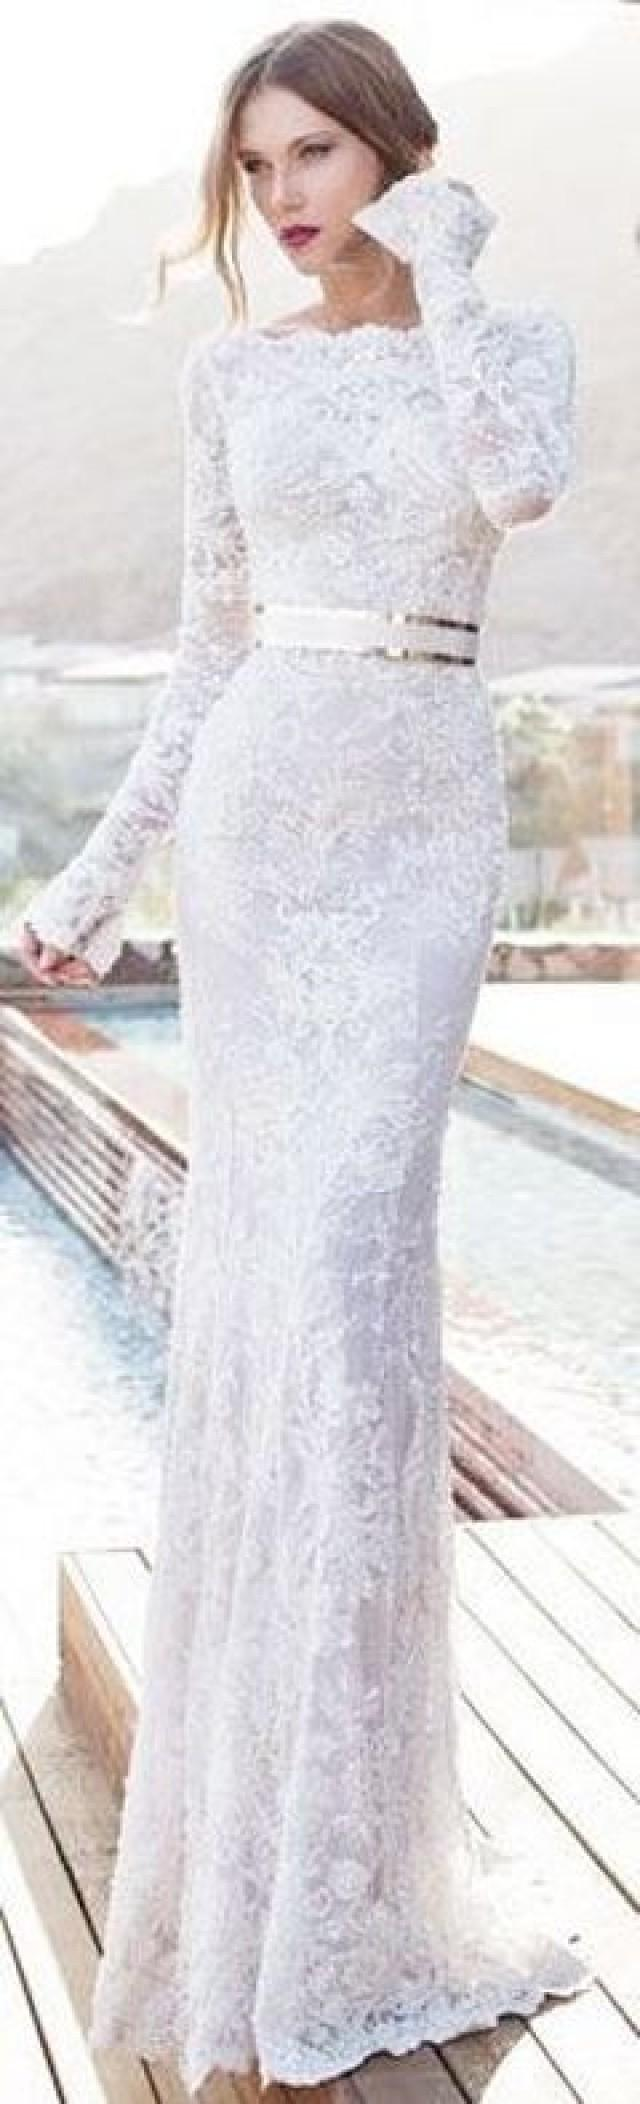 Kleiden braut mit sass brautkleider 2135875 weddbook for Slim white wedding dresses